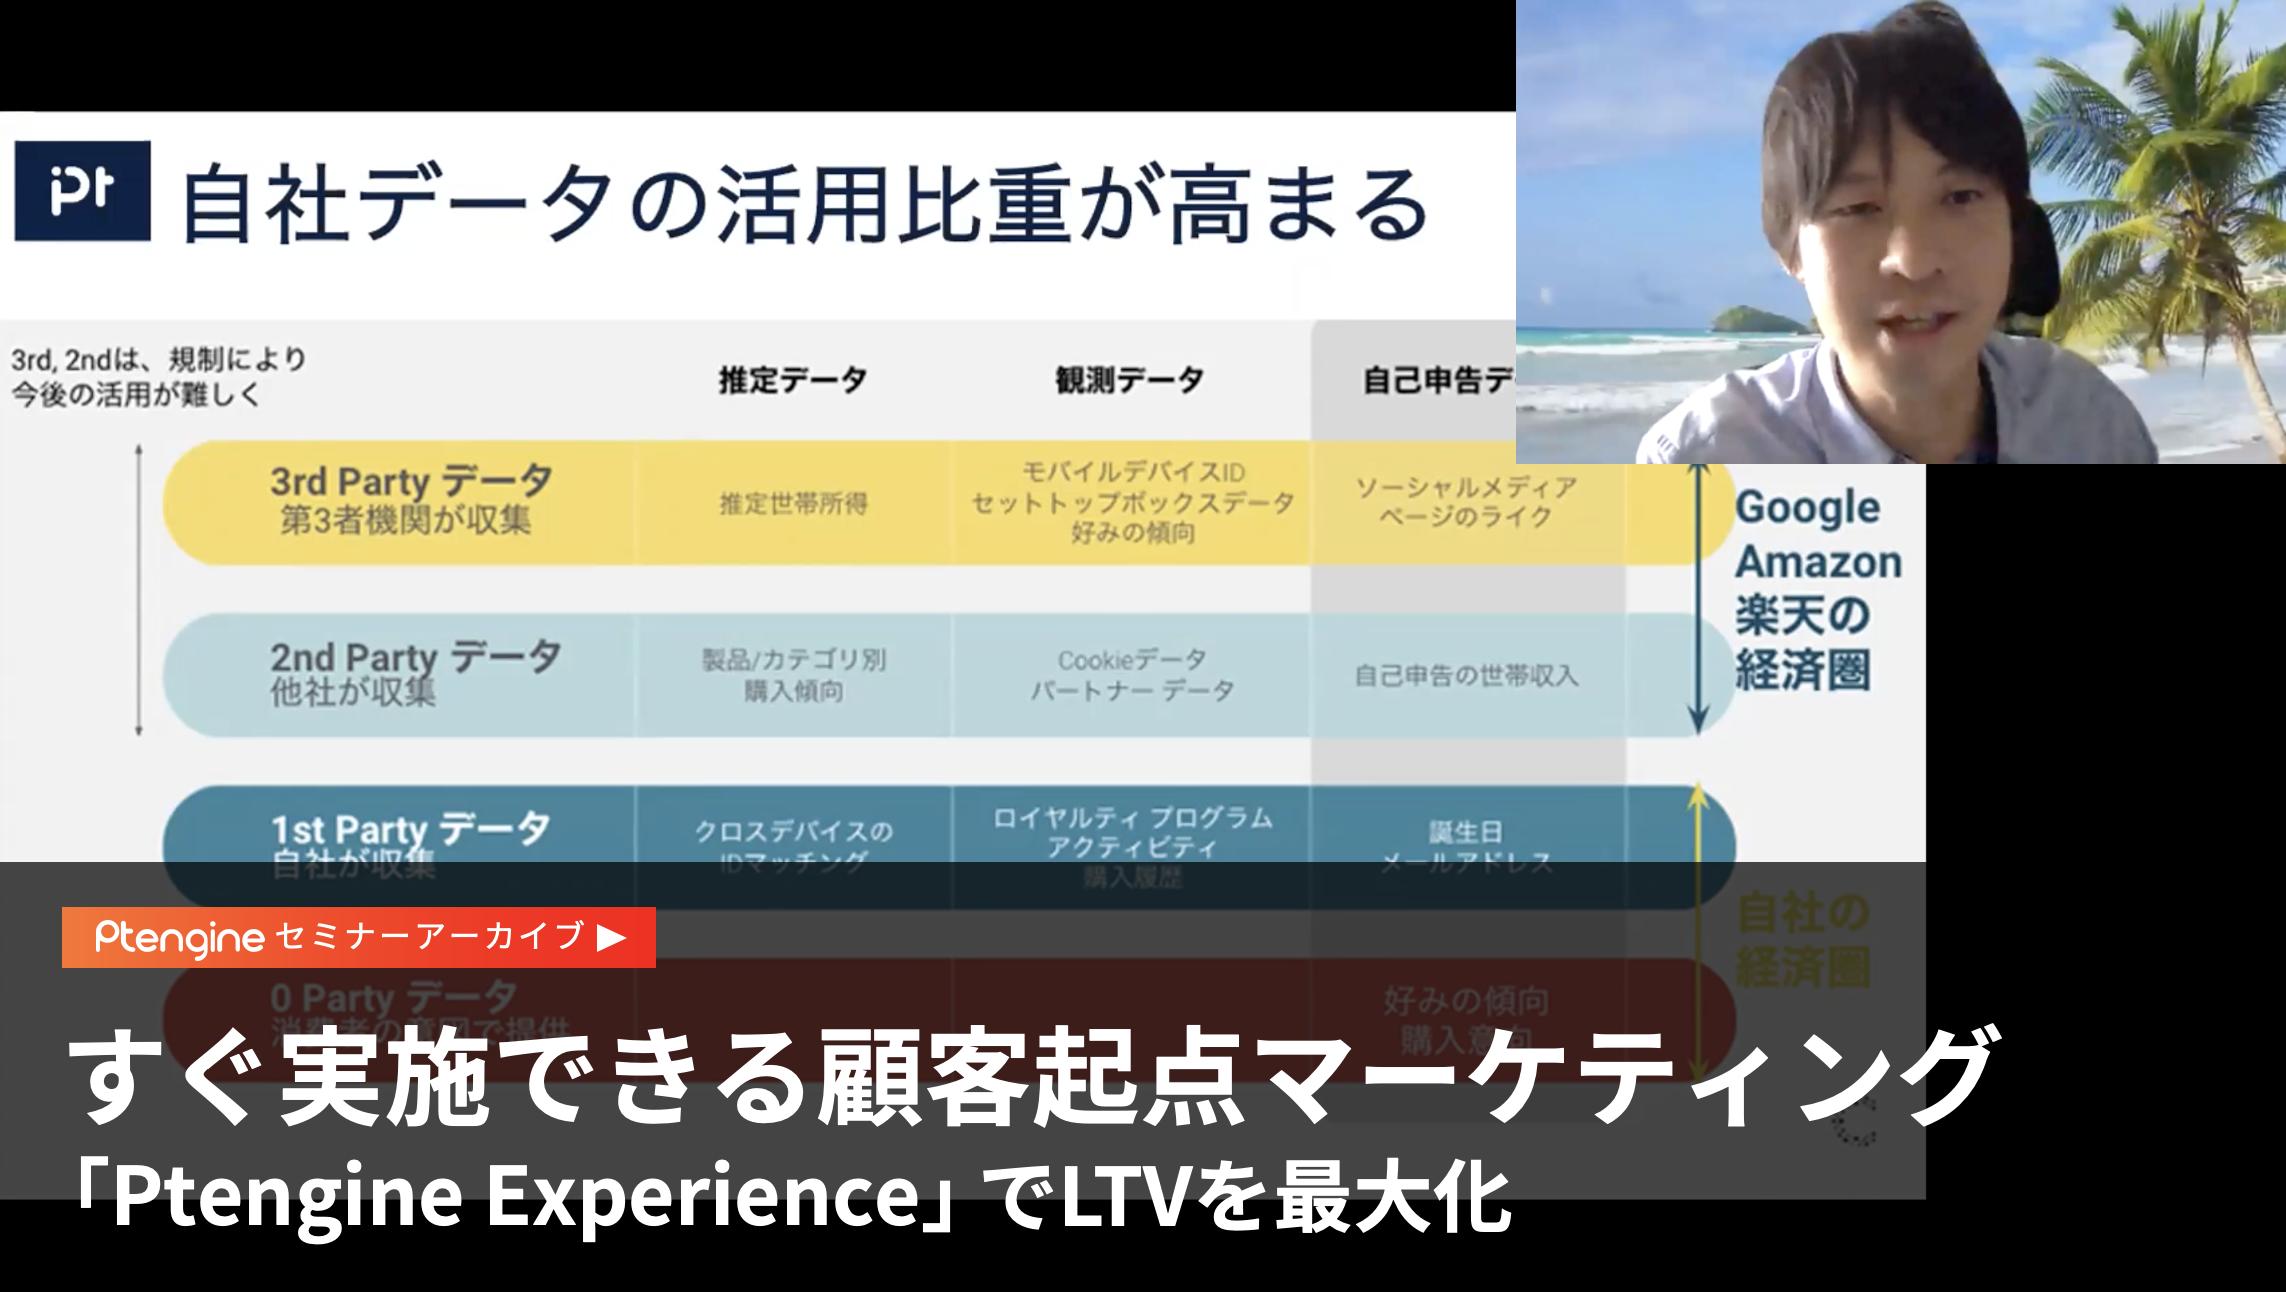 blog 顧客起点マーケティング時代。PtengineでLTVを最大化【イベントレポート】 image